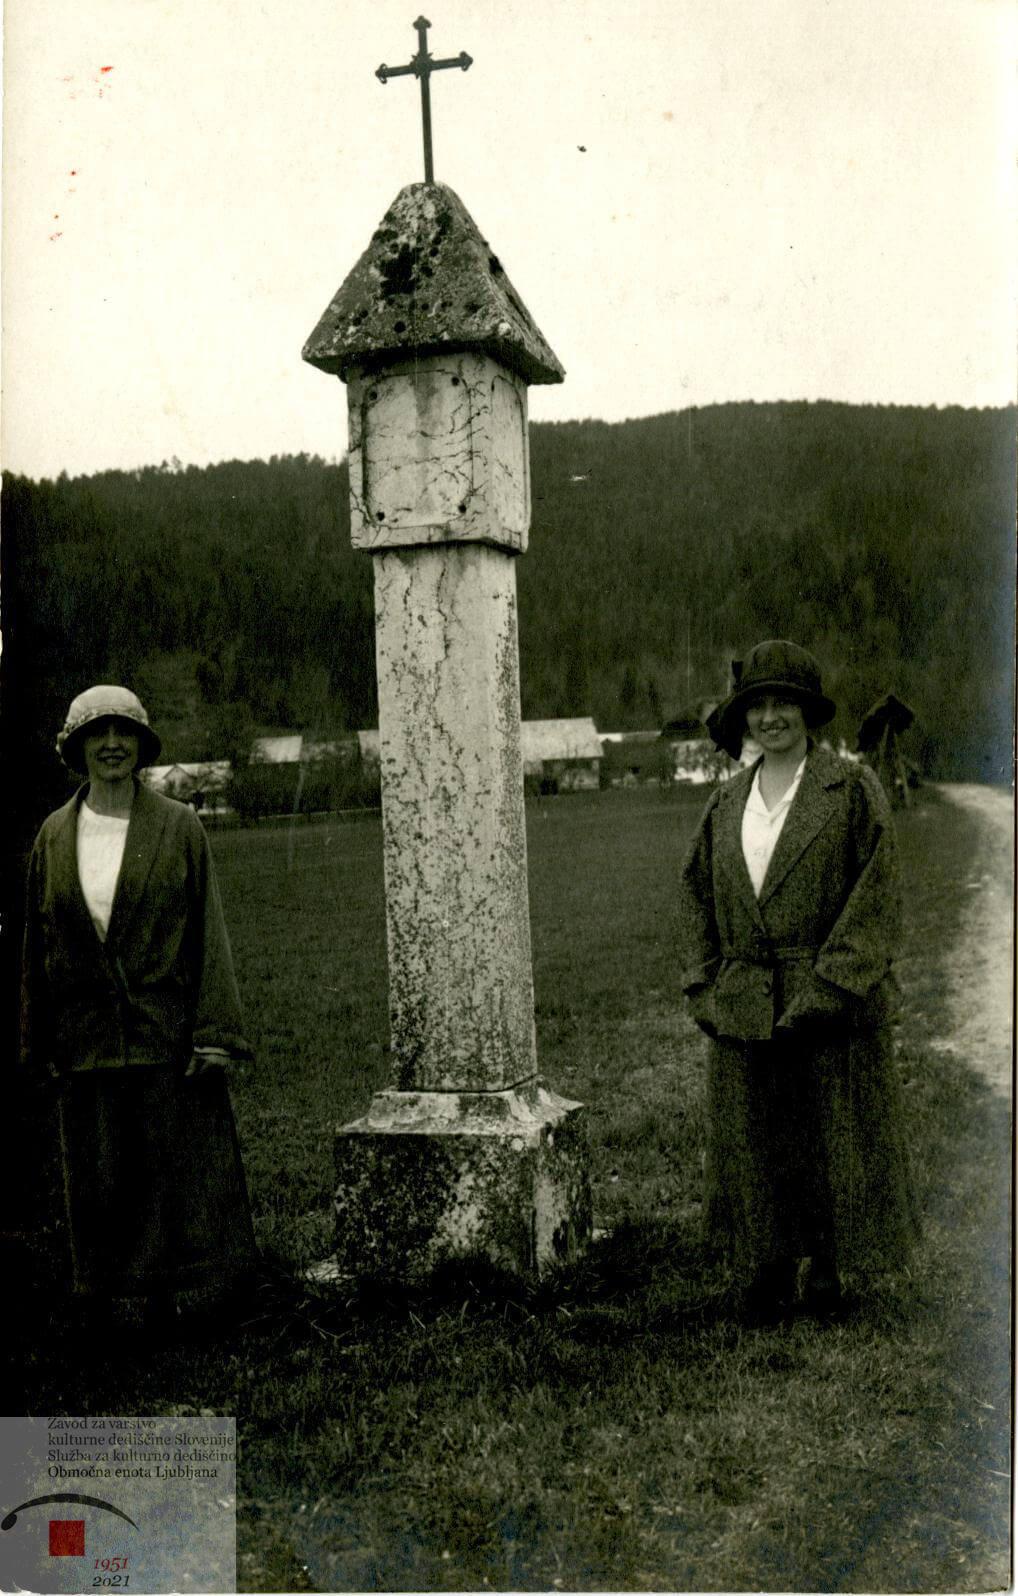 Fotografija Baročnega znamenja iz Šentvida iz leta 1924